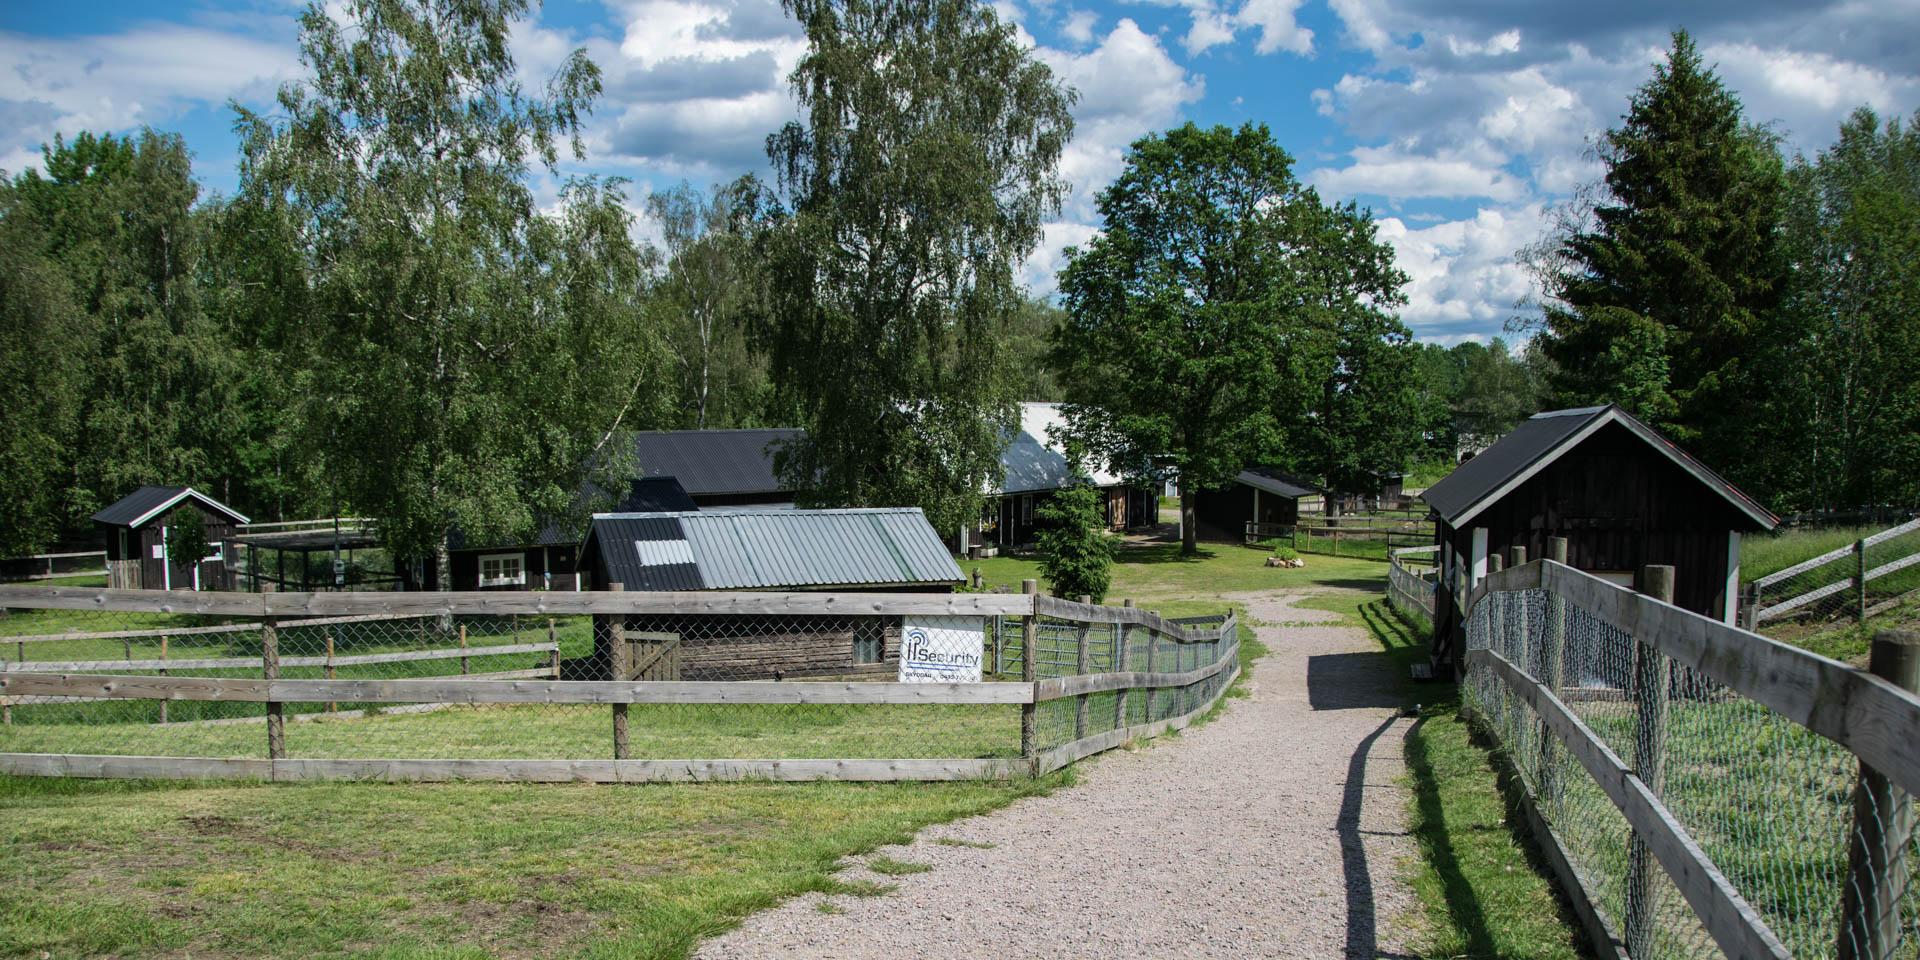 Djurparken Traryd-Skans 2019